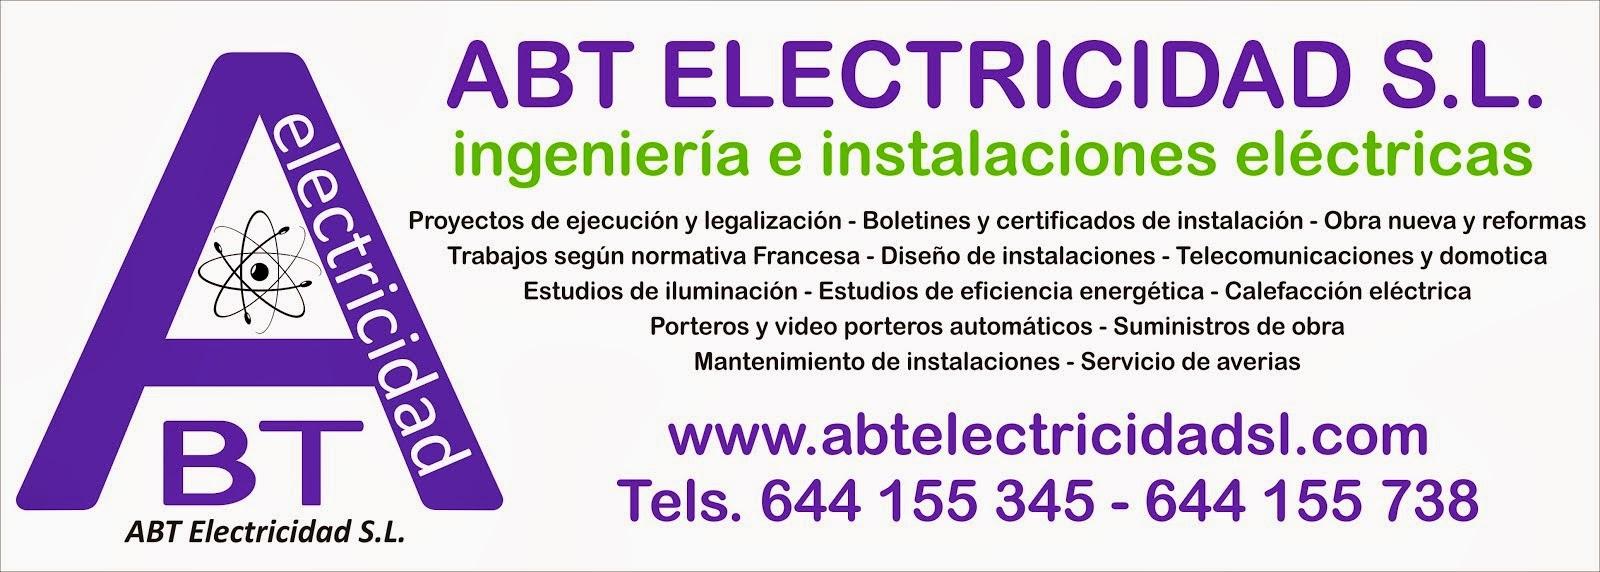 ABT Electricidad S.L.